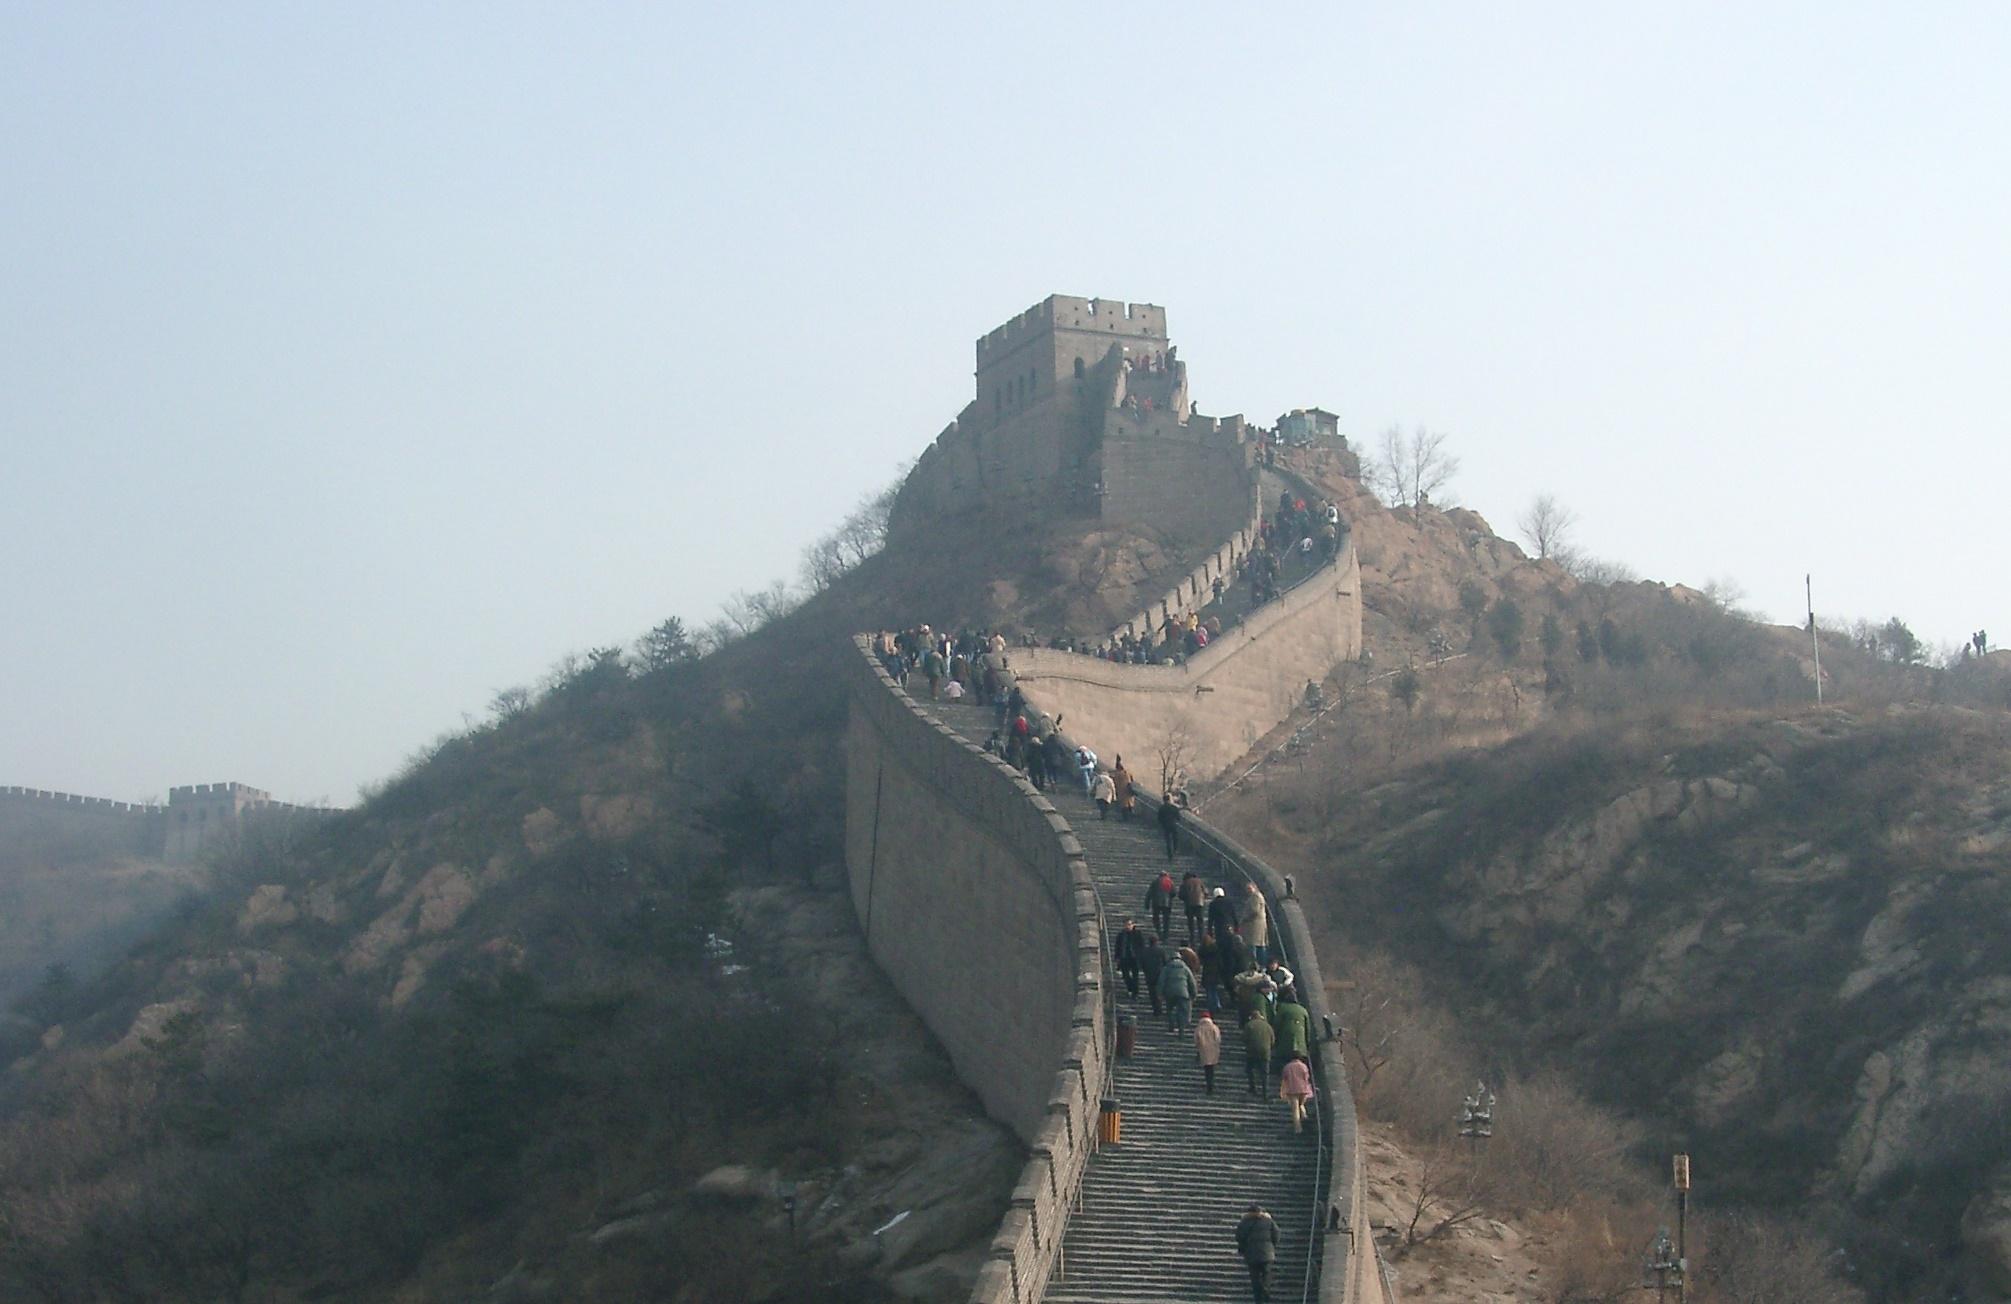 L'avantage de la Grande Muraille de Chine est qu'il existe de nombreux tronçons pour tous les goûts et pour tous les rythmes, de la plus proche de Pékin à la plus sauvage et sportive, chaque site offre un paysage sublime à toute saison, pour une vision inoubliable - DR : JDL